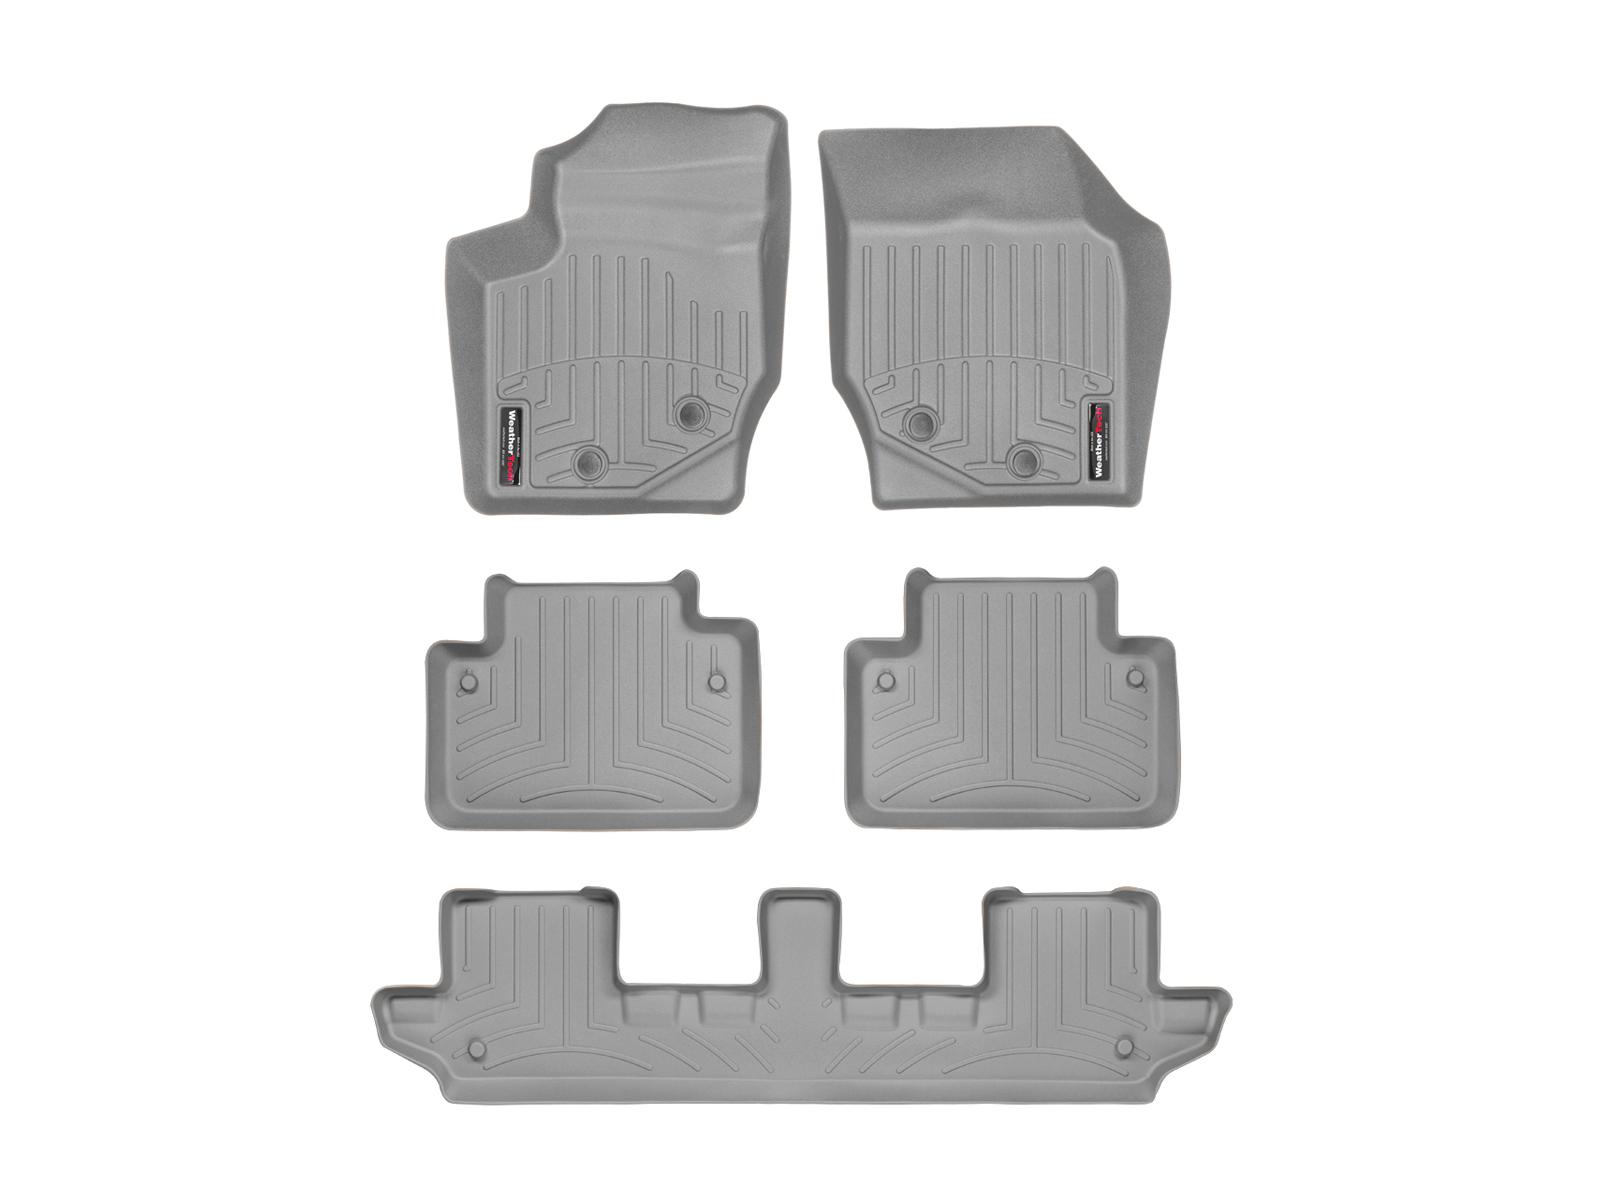 Tappeti gomma su misura bordo alto Volvo XC90 03>14 Grigio A4440*